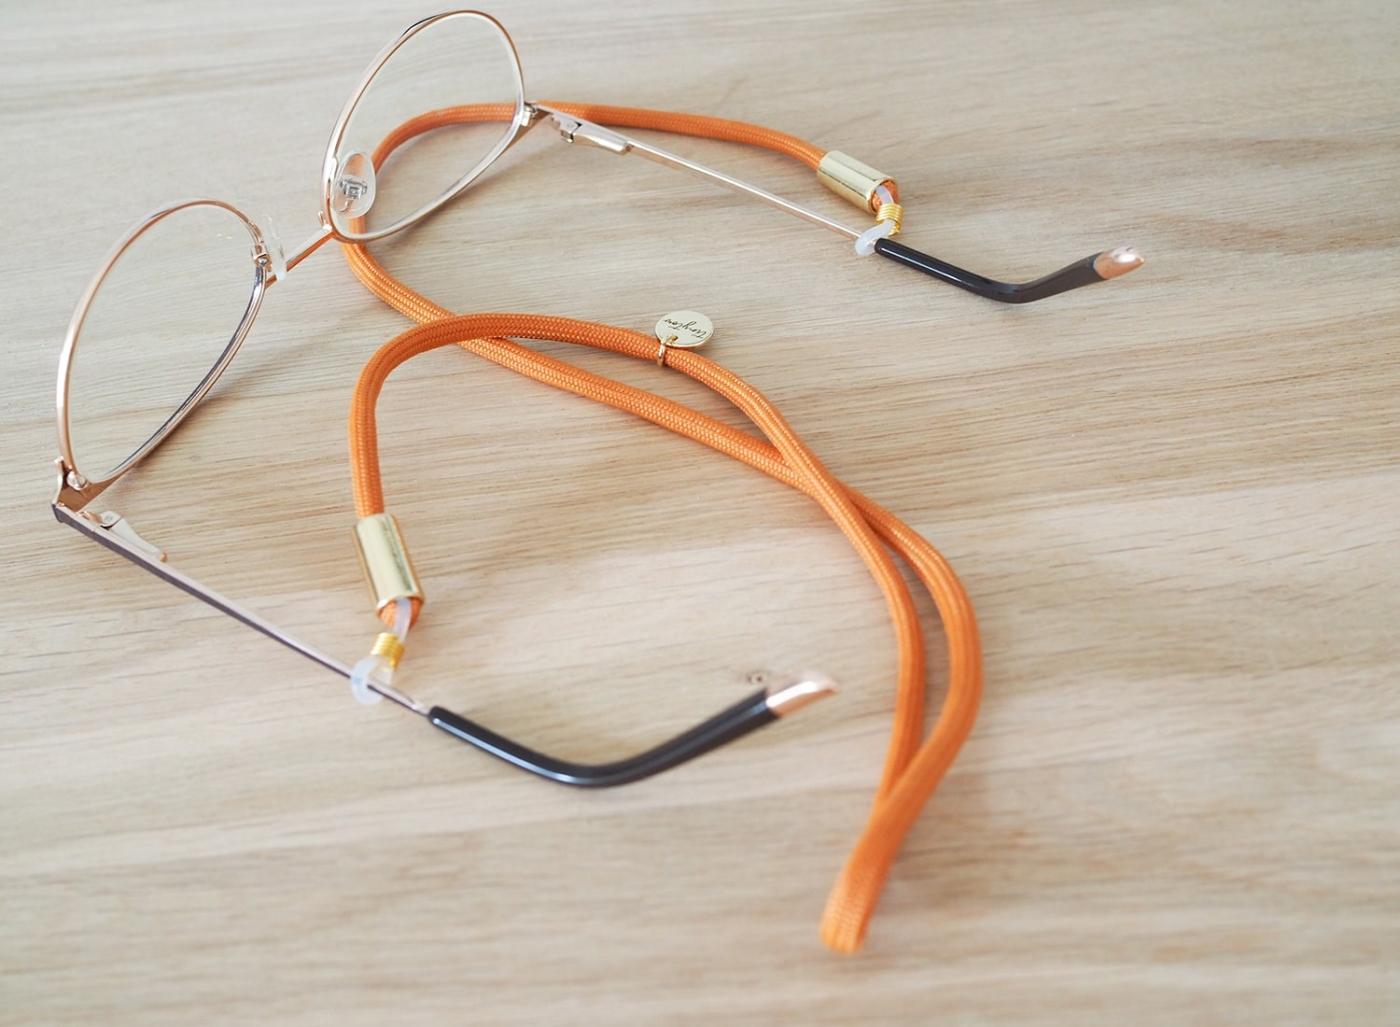 Dezentes Brillenband an schicker Brille